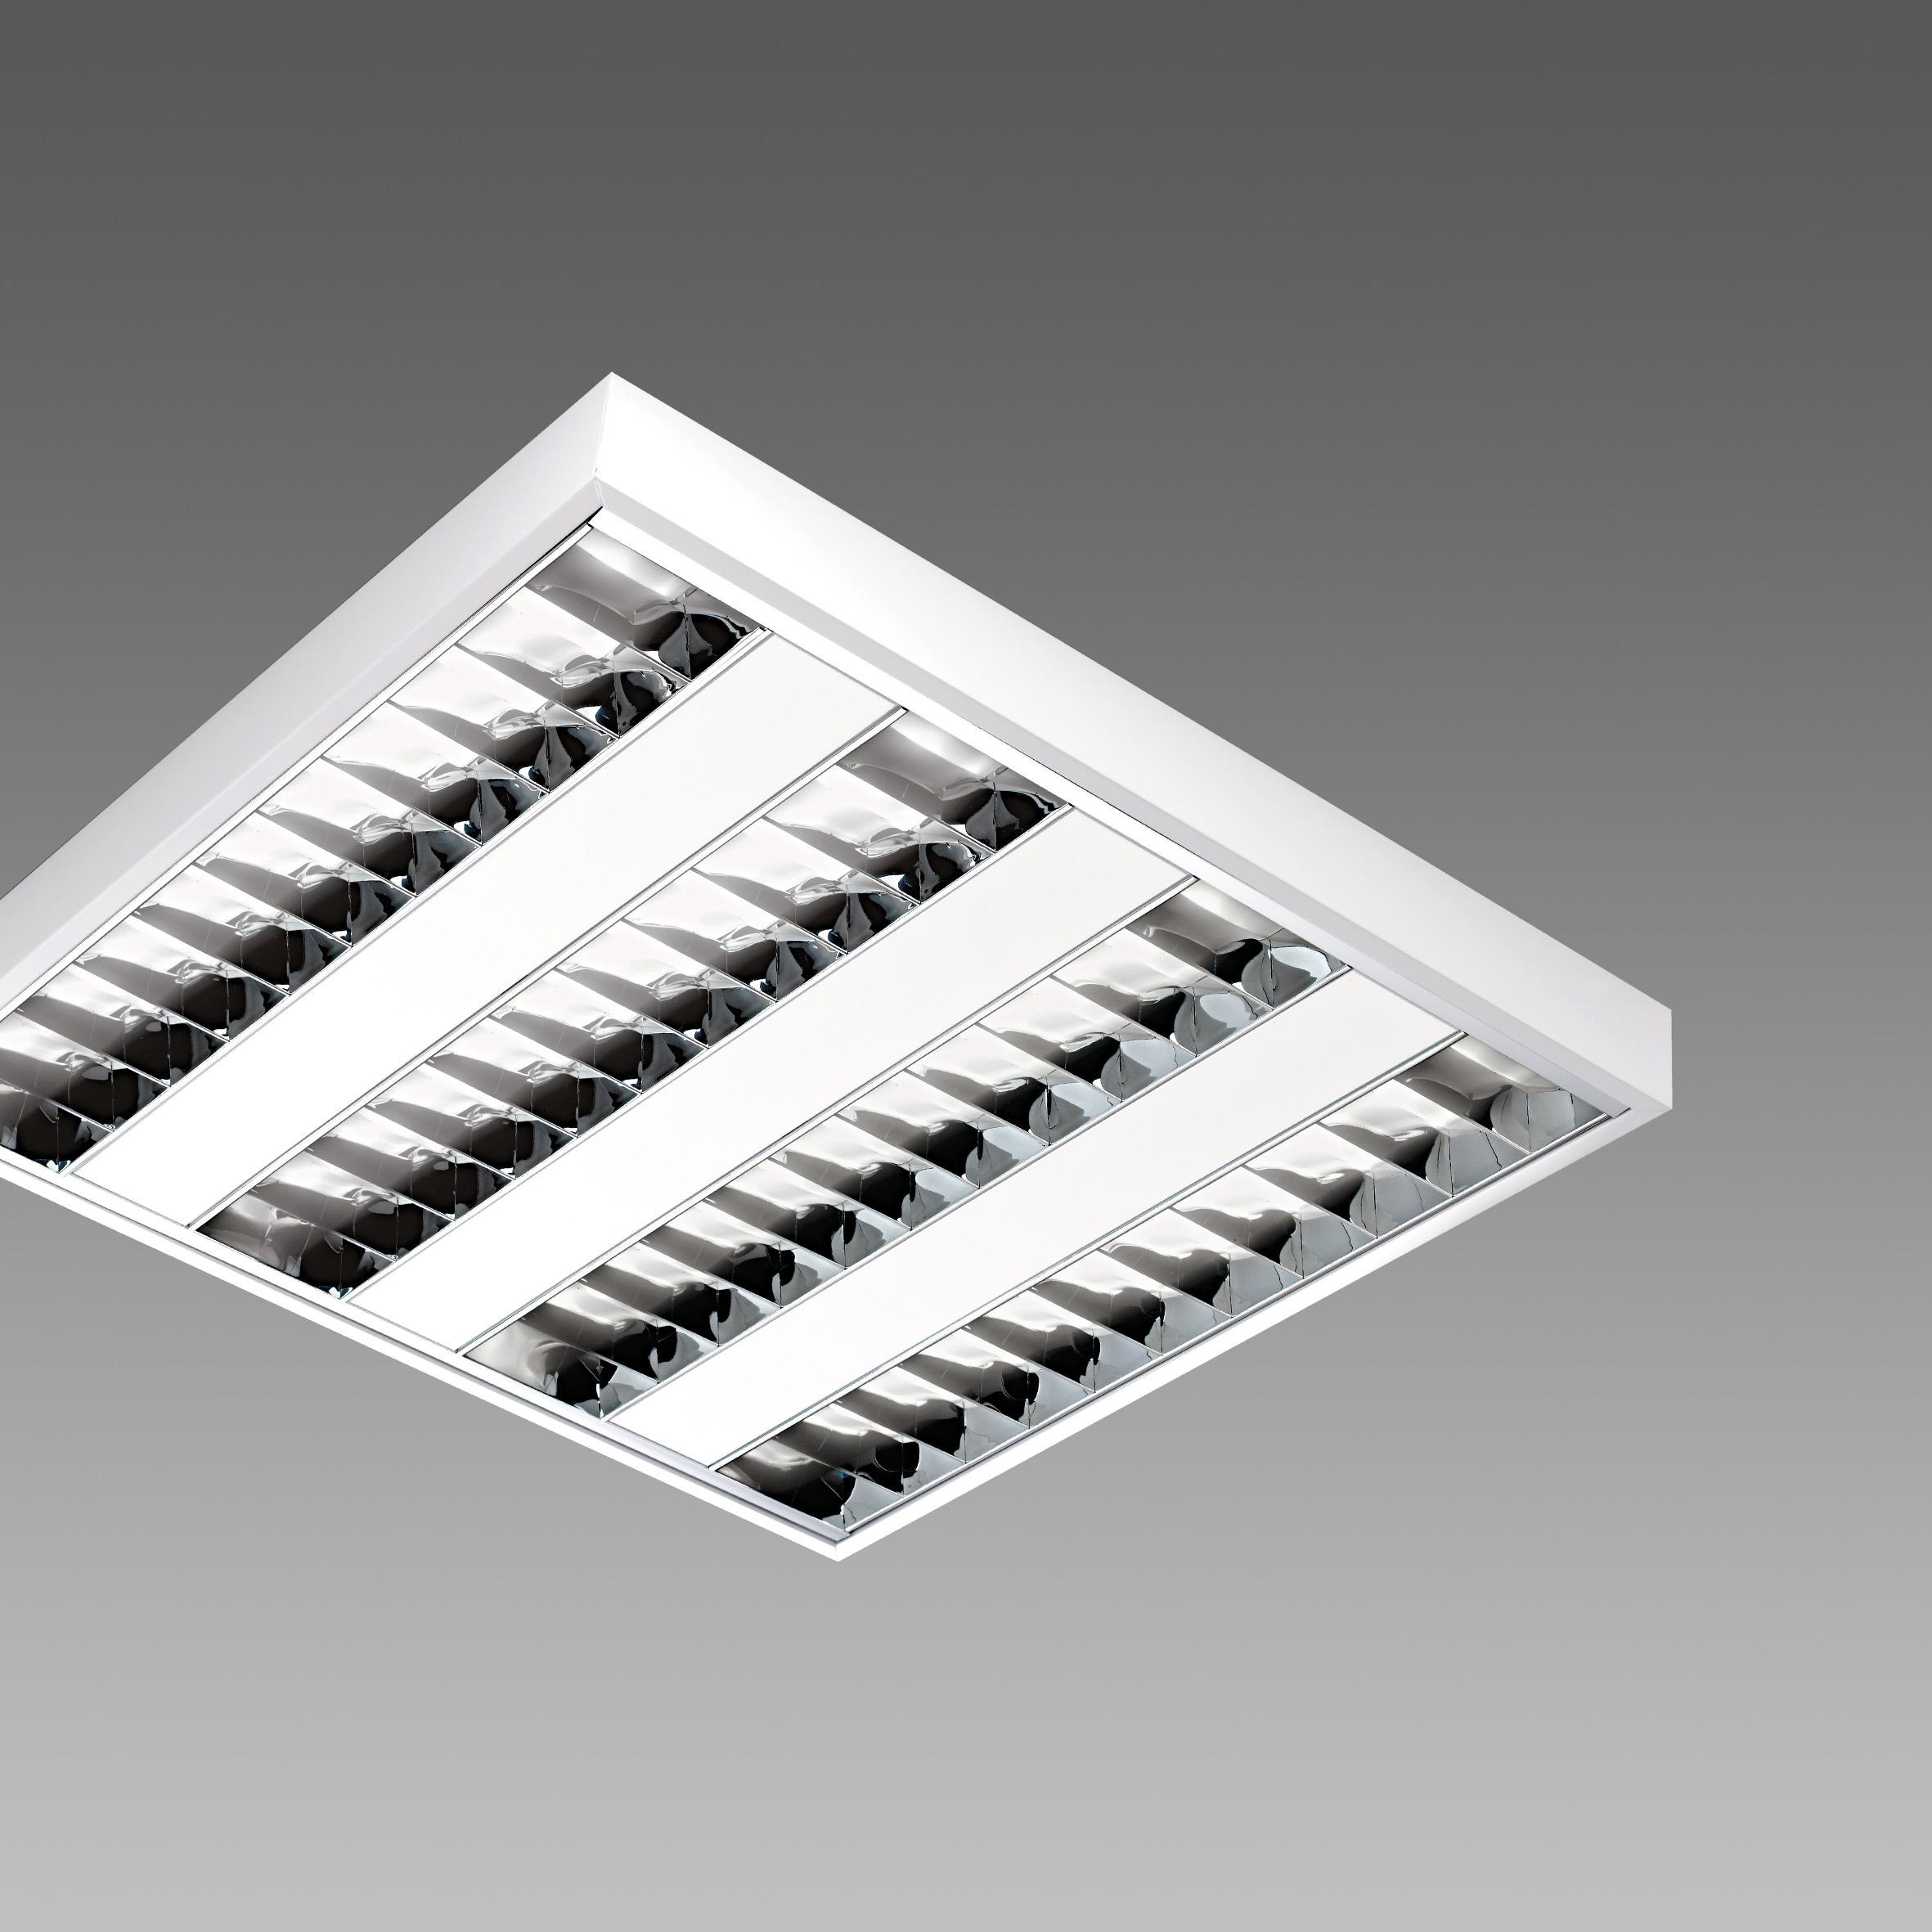 731 Minicomfort LED x4 - UGRx16.jpg